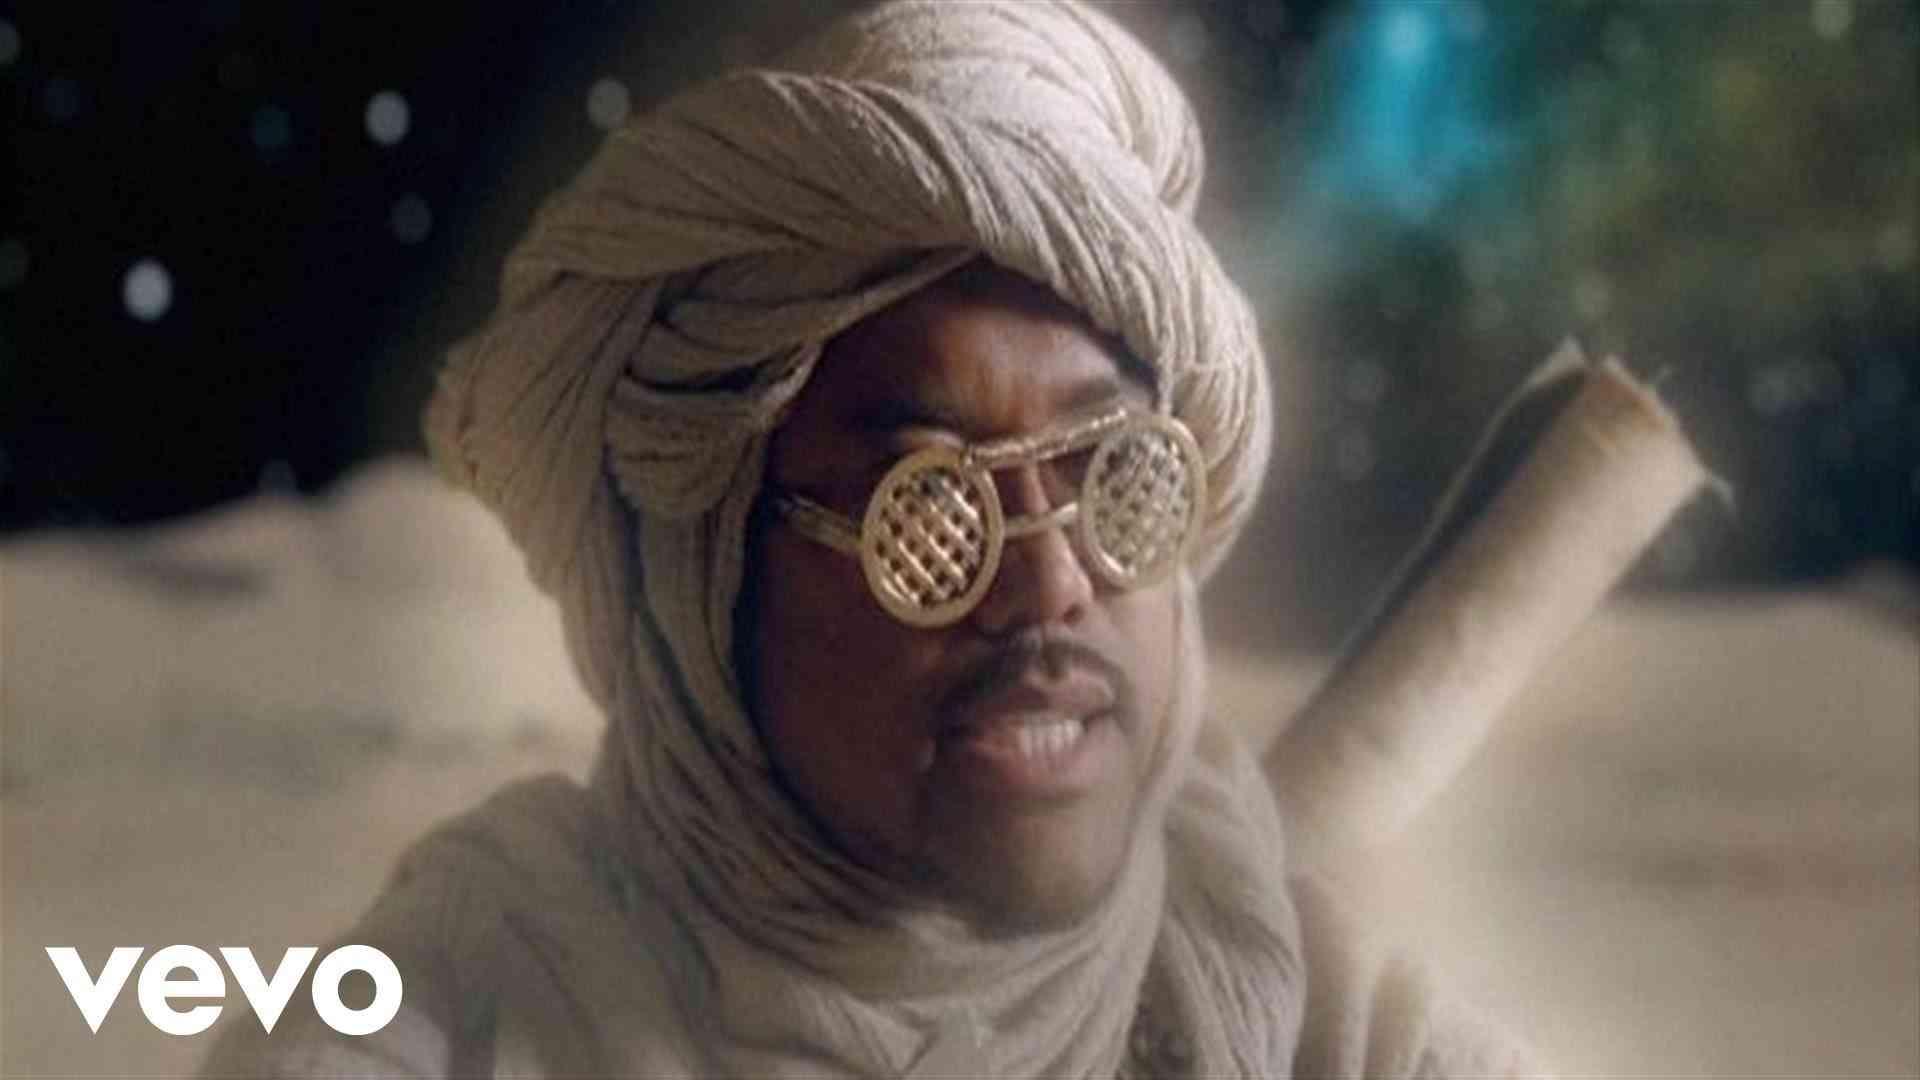 The Black Eyed Peas - Meet Me Halfway - YouTube